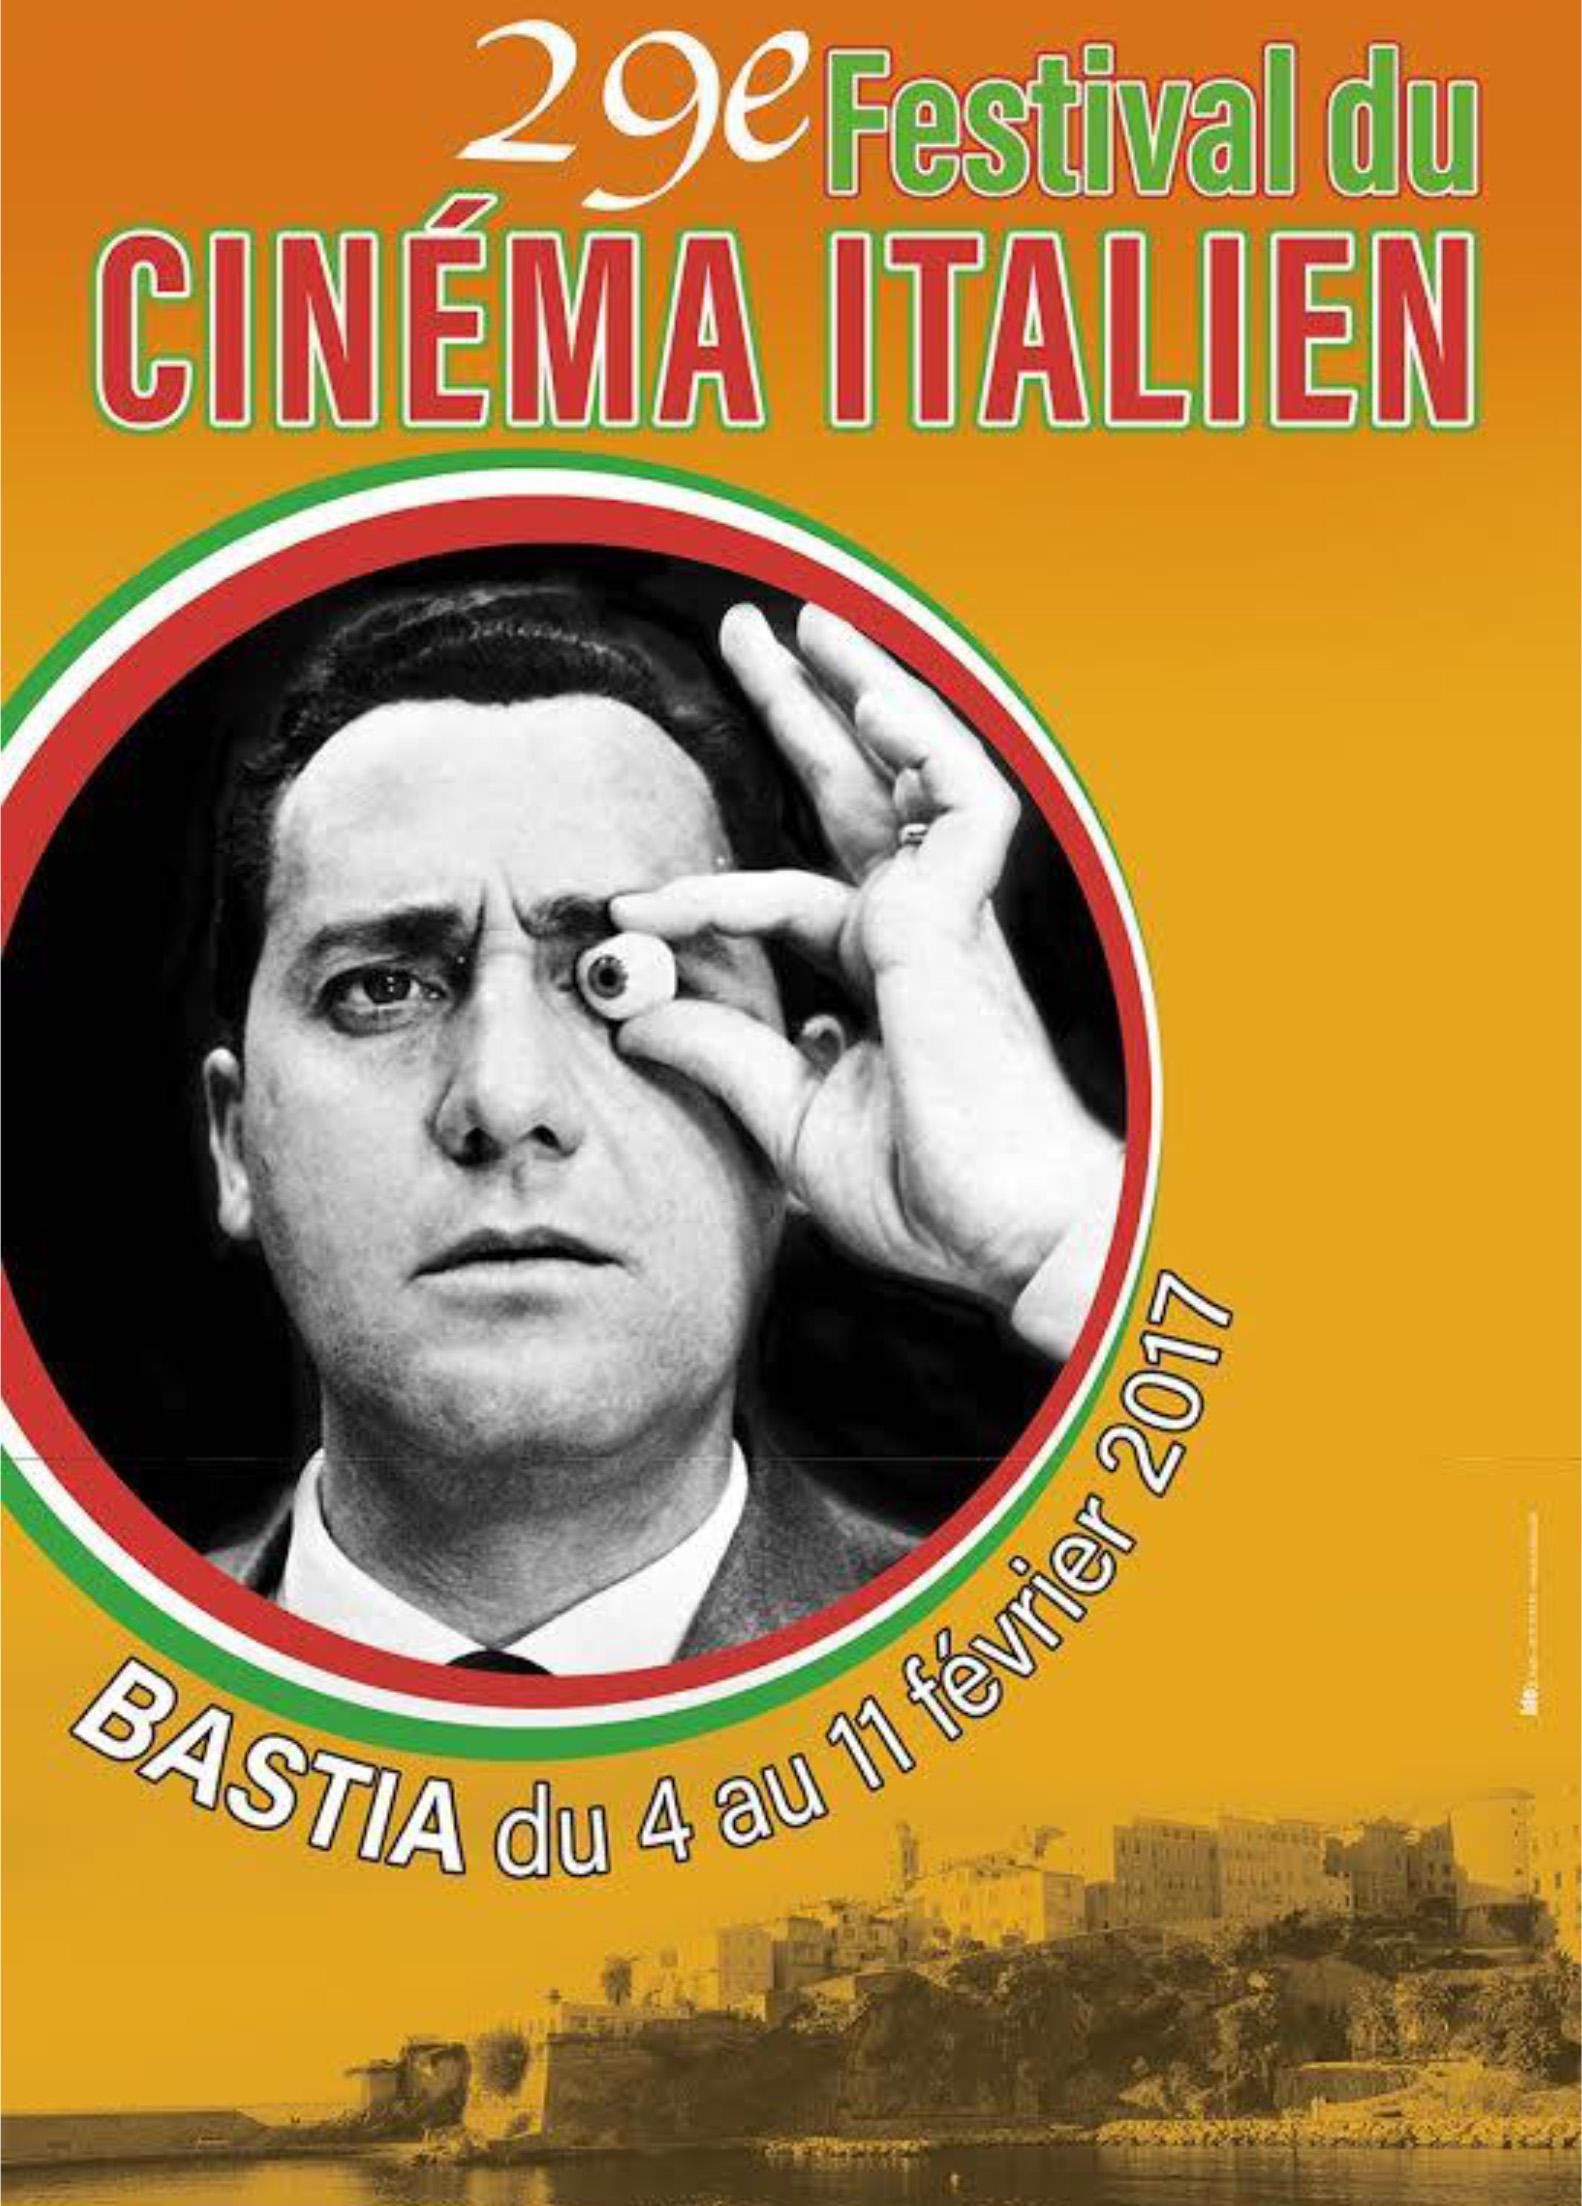 Festival du cinéma italien : une programmation éclectique et insoumise